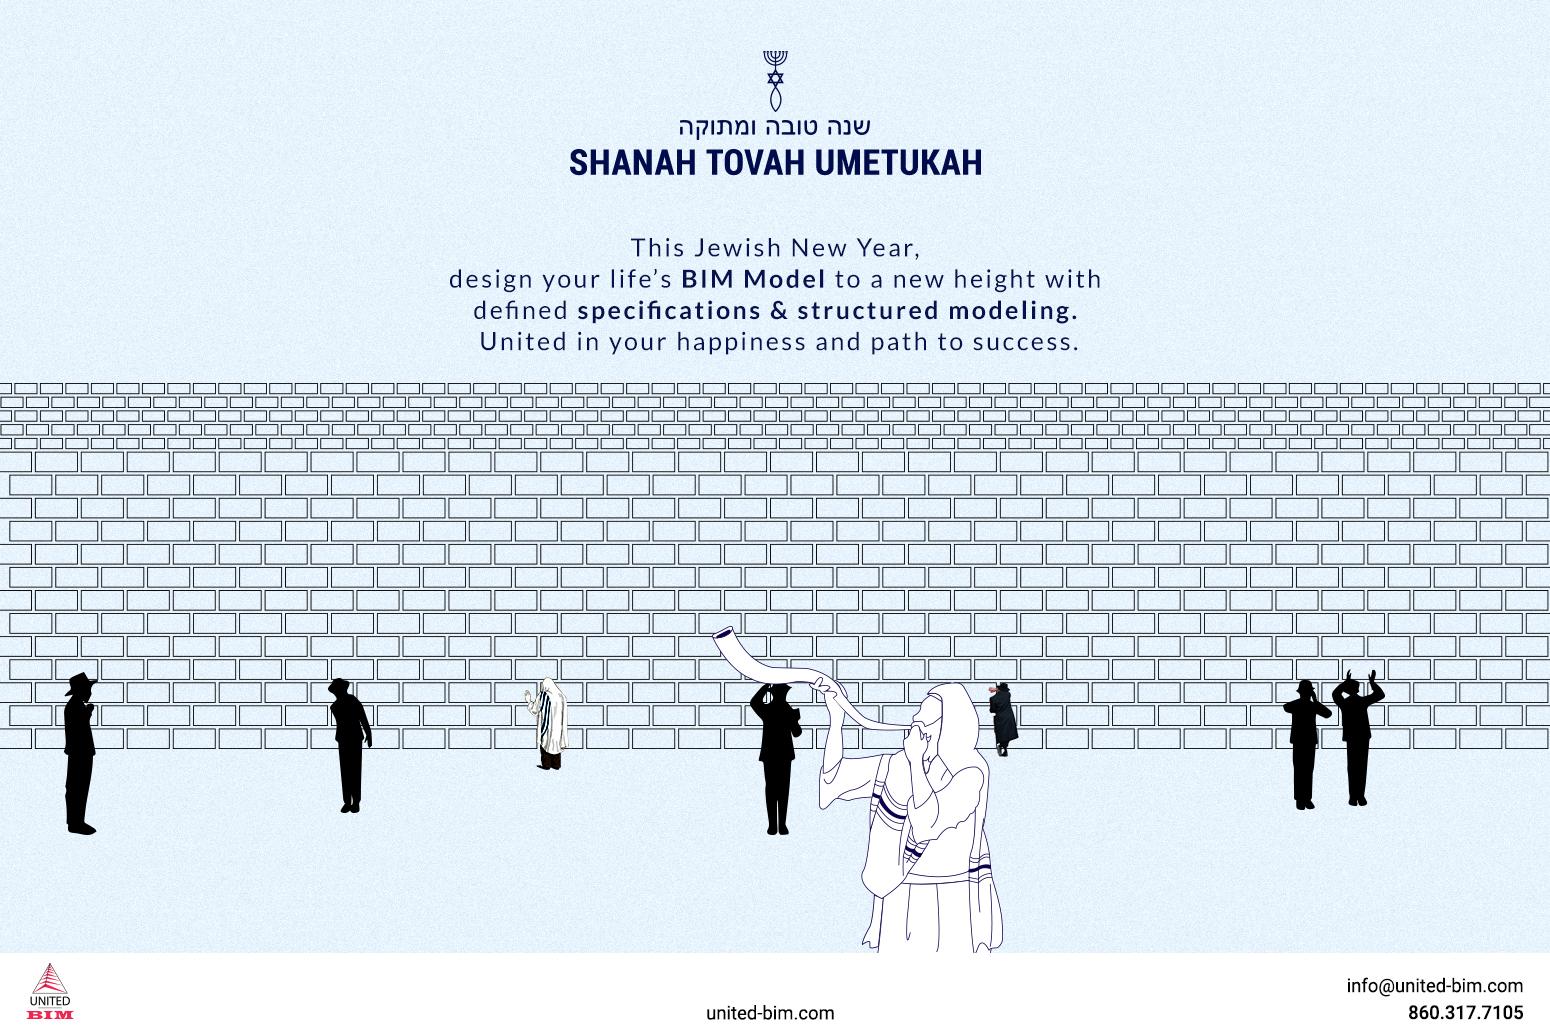 Shana Tovah Umetukah wishes by United-BIM 2021